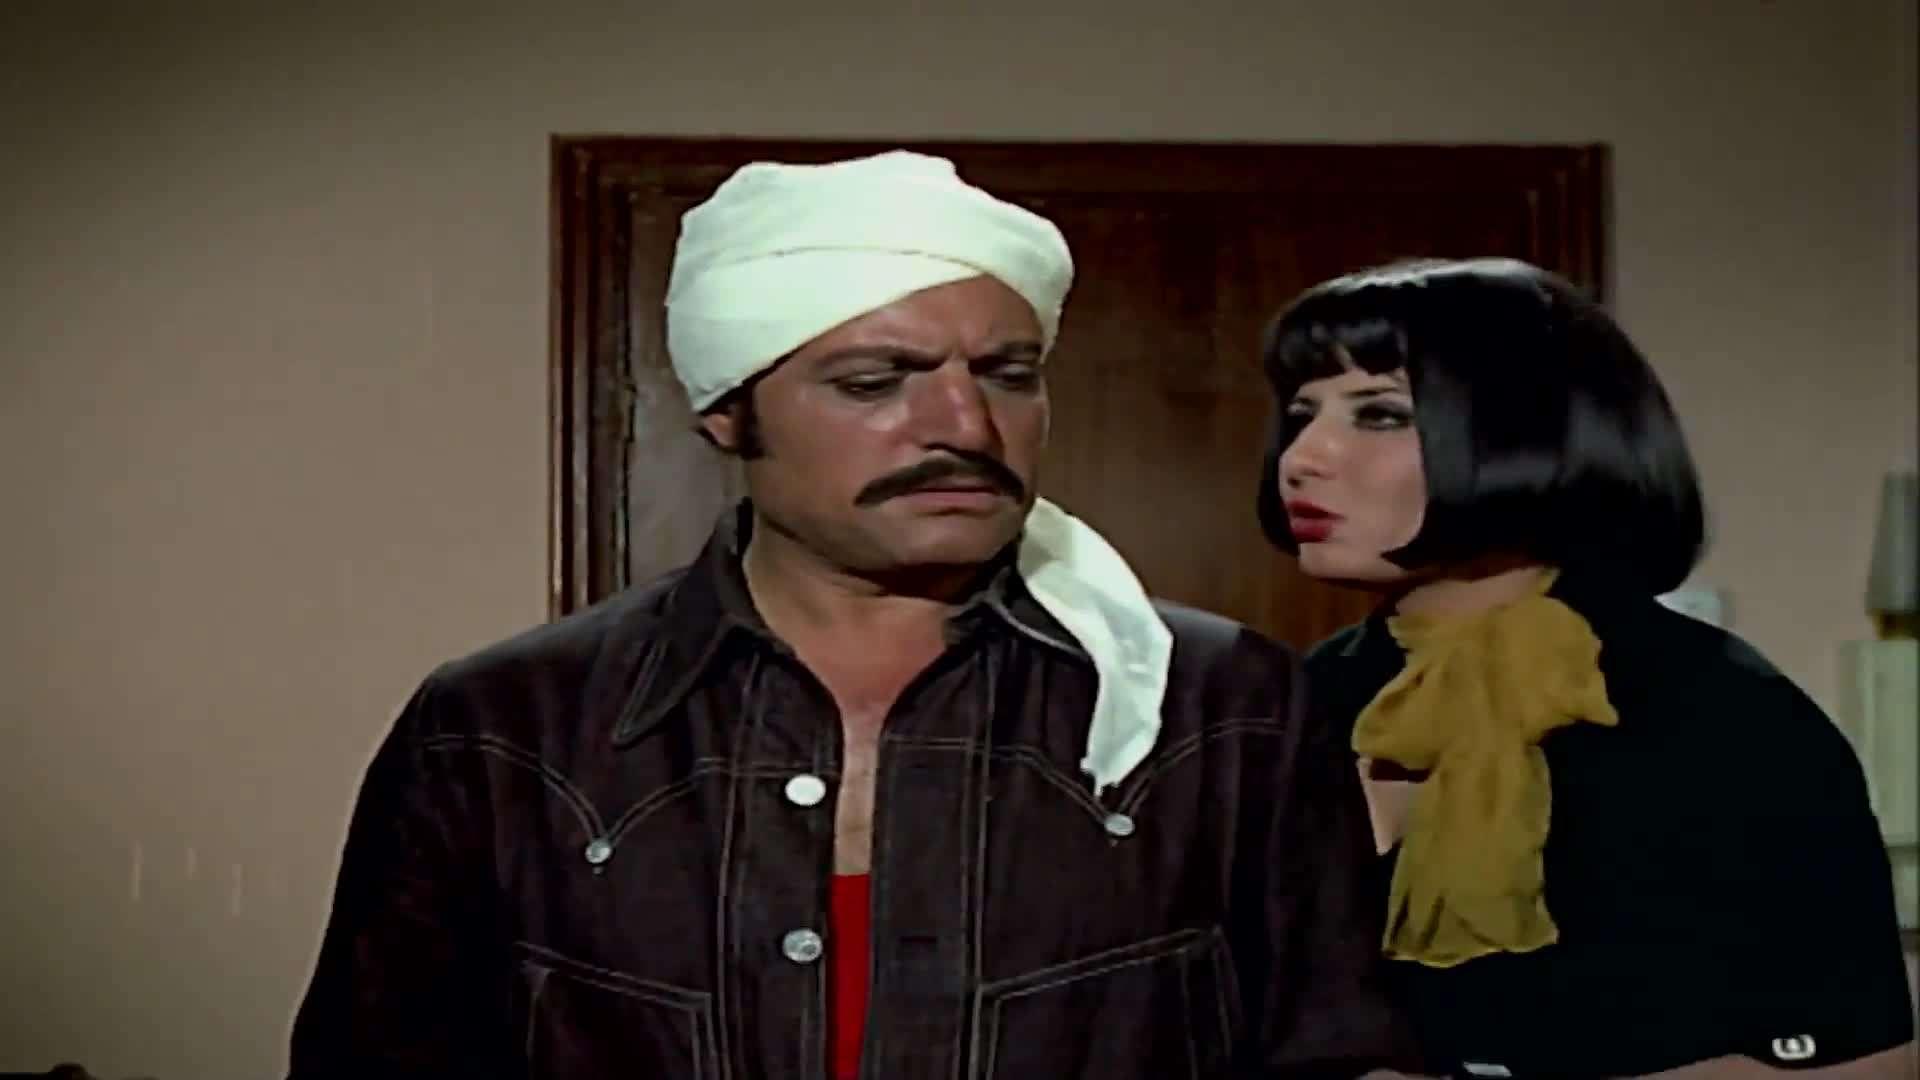 [فيلم][تورنت][تحميل][الكل عاوز يحب][1975][1080p][Web-DL] 6 arabp2p.com